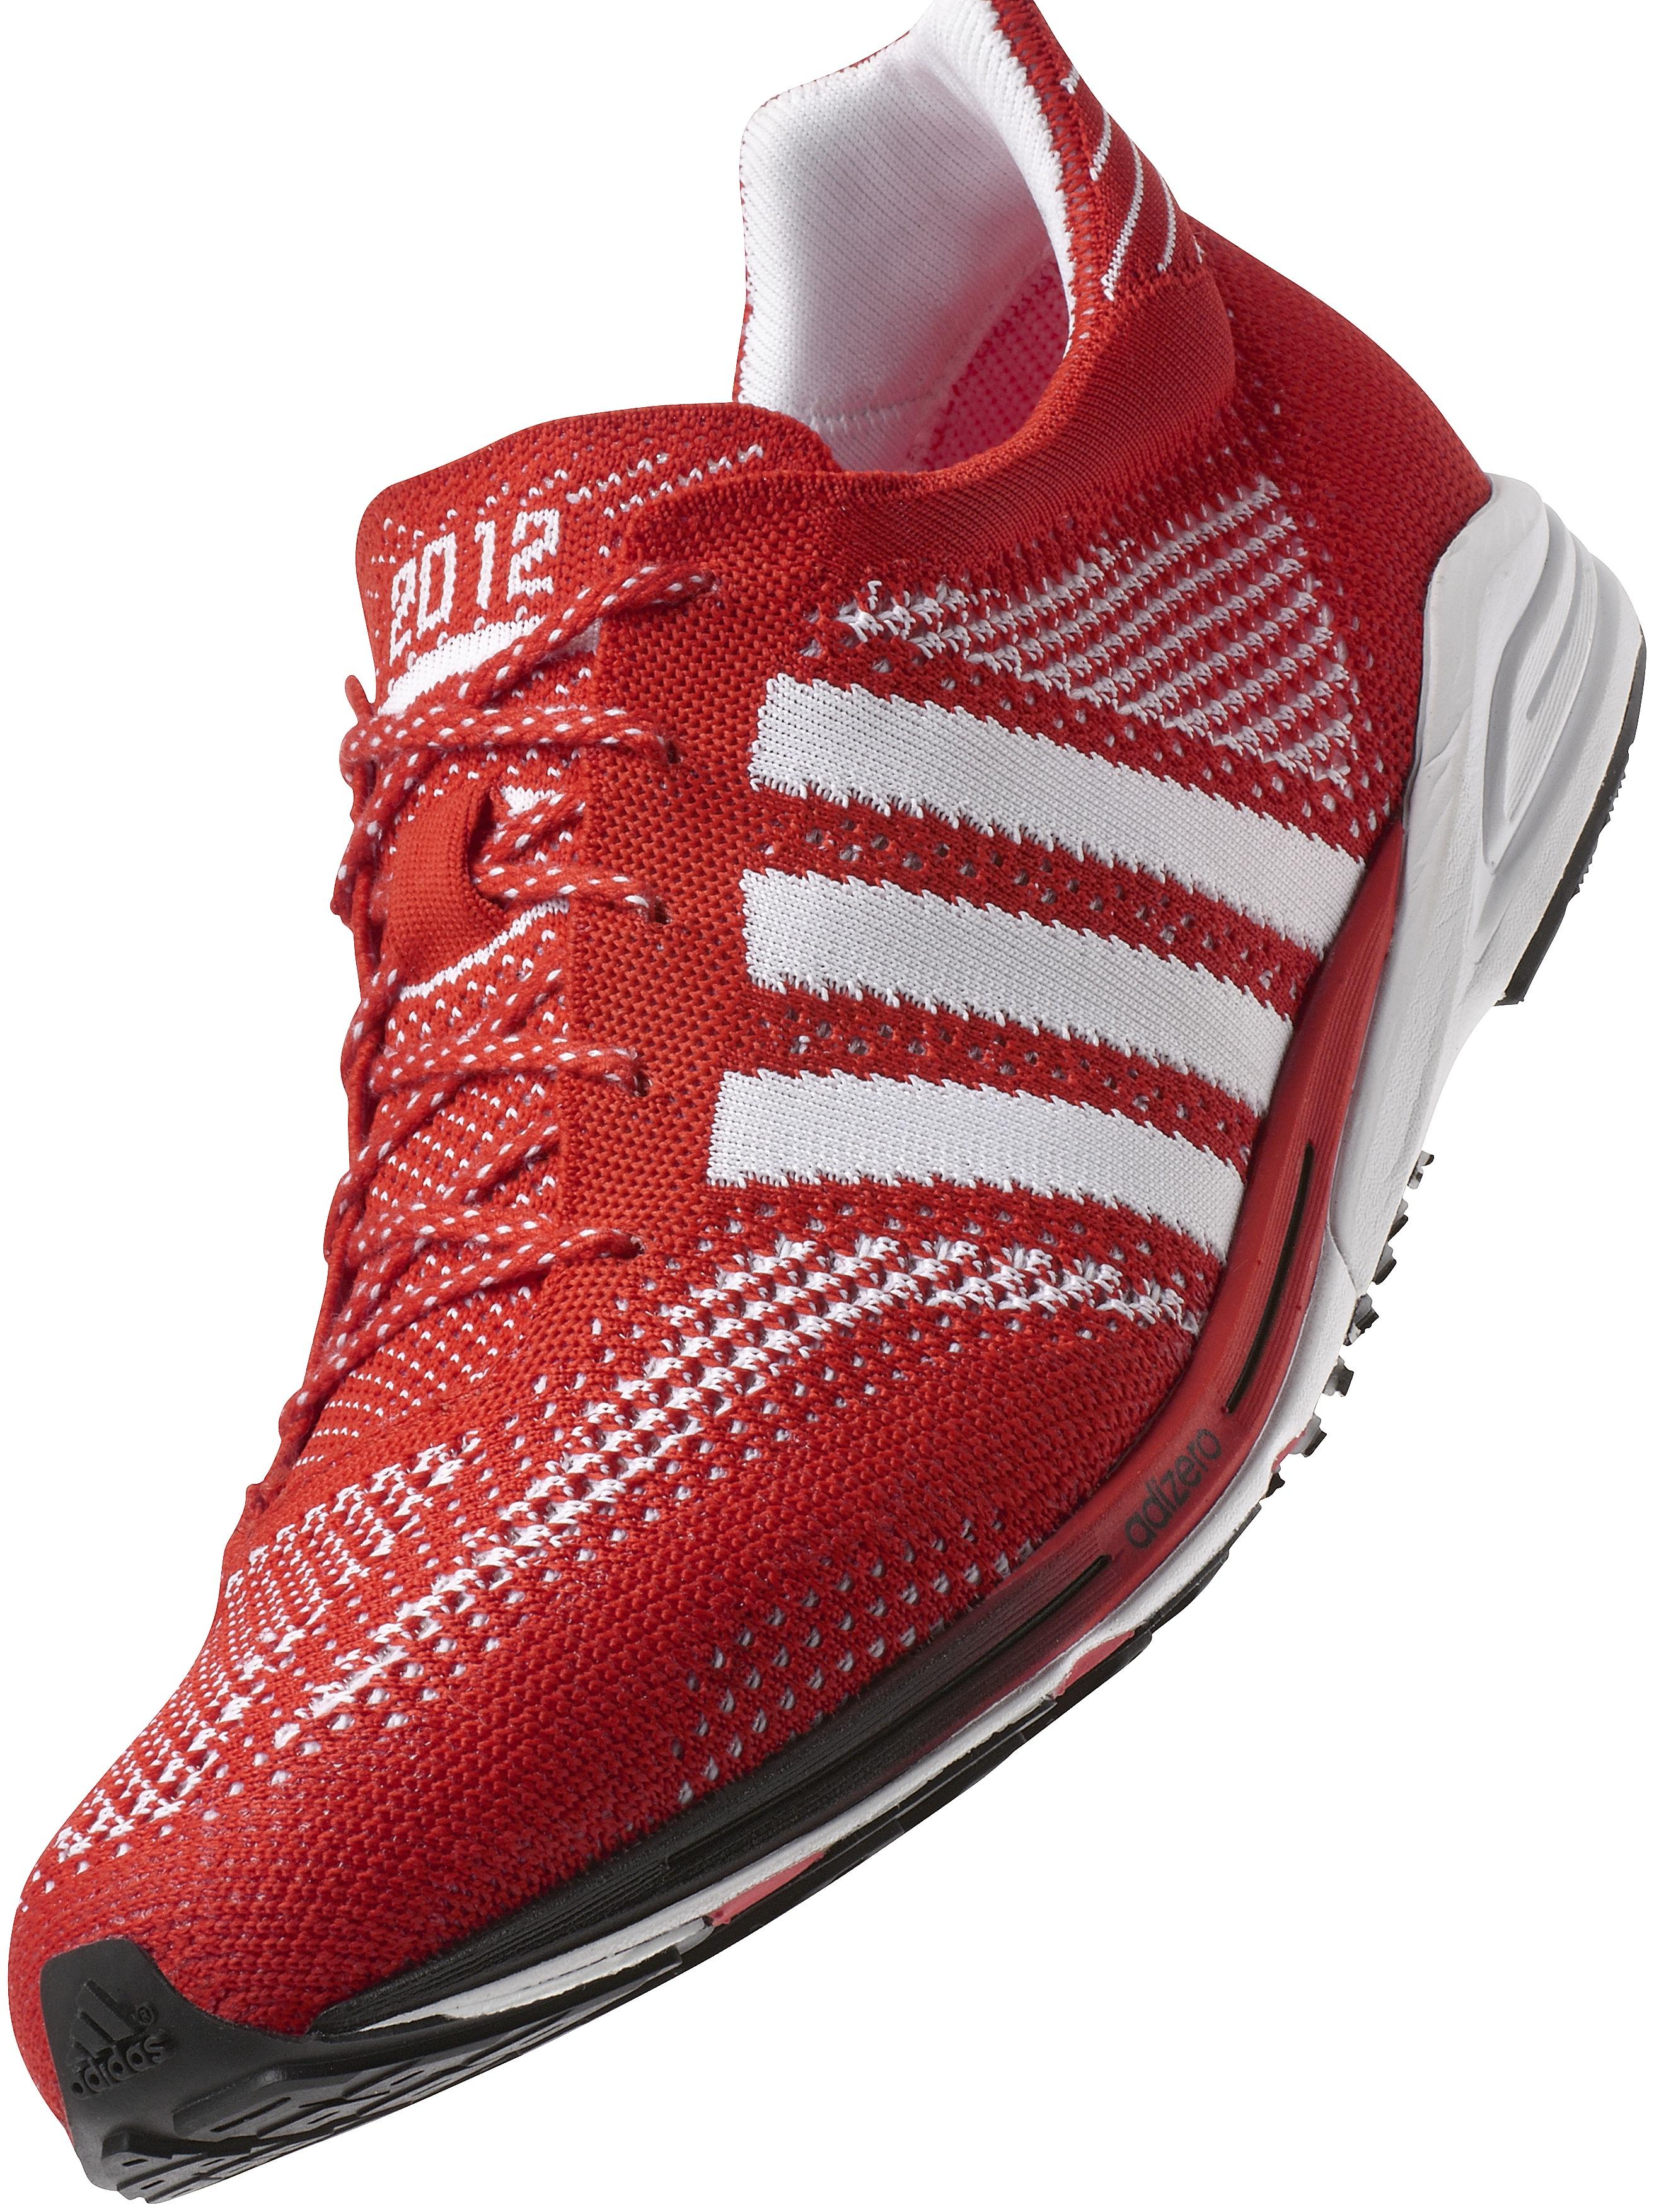 Buy Skechers Blue Men Sports Shoes - 51205 BLBK Online at Best